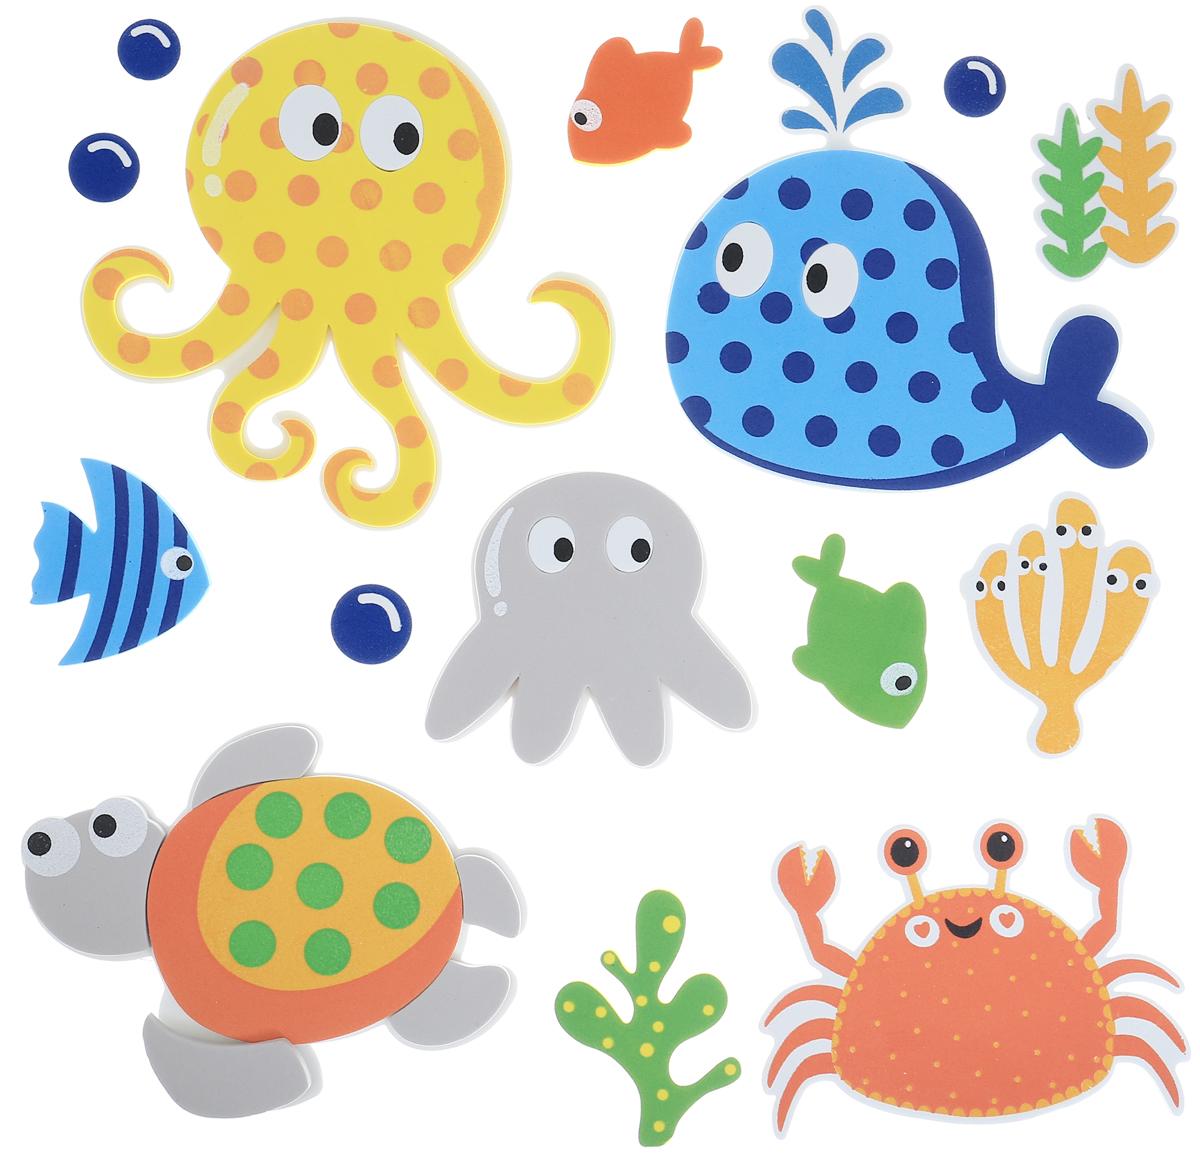 Room Decor Наклейка интерьерная Детские картинки 15 шт